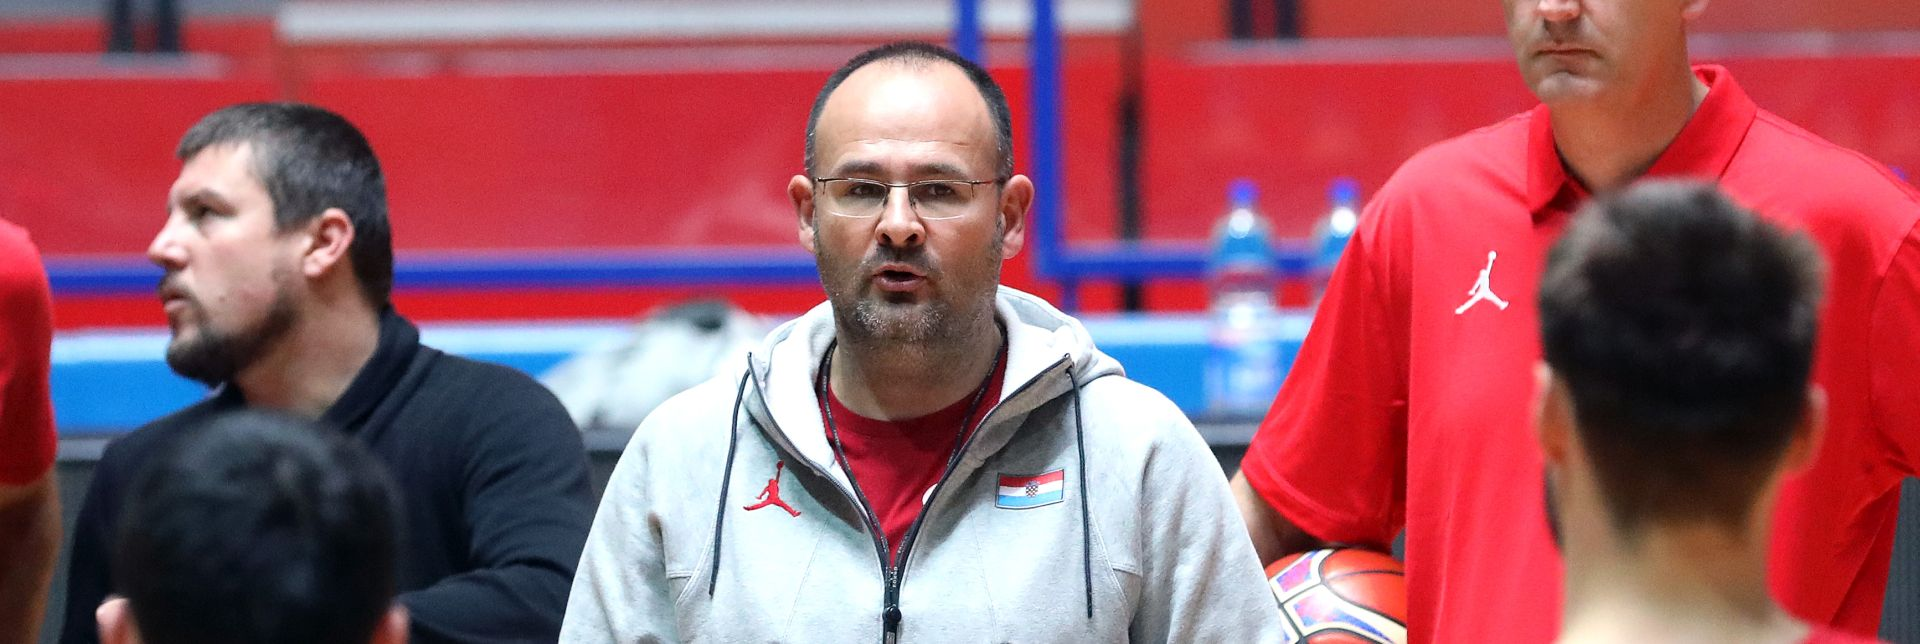 Poraz hrvatskih košarkaša na početku kvalifikacija za SP